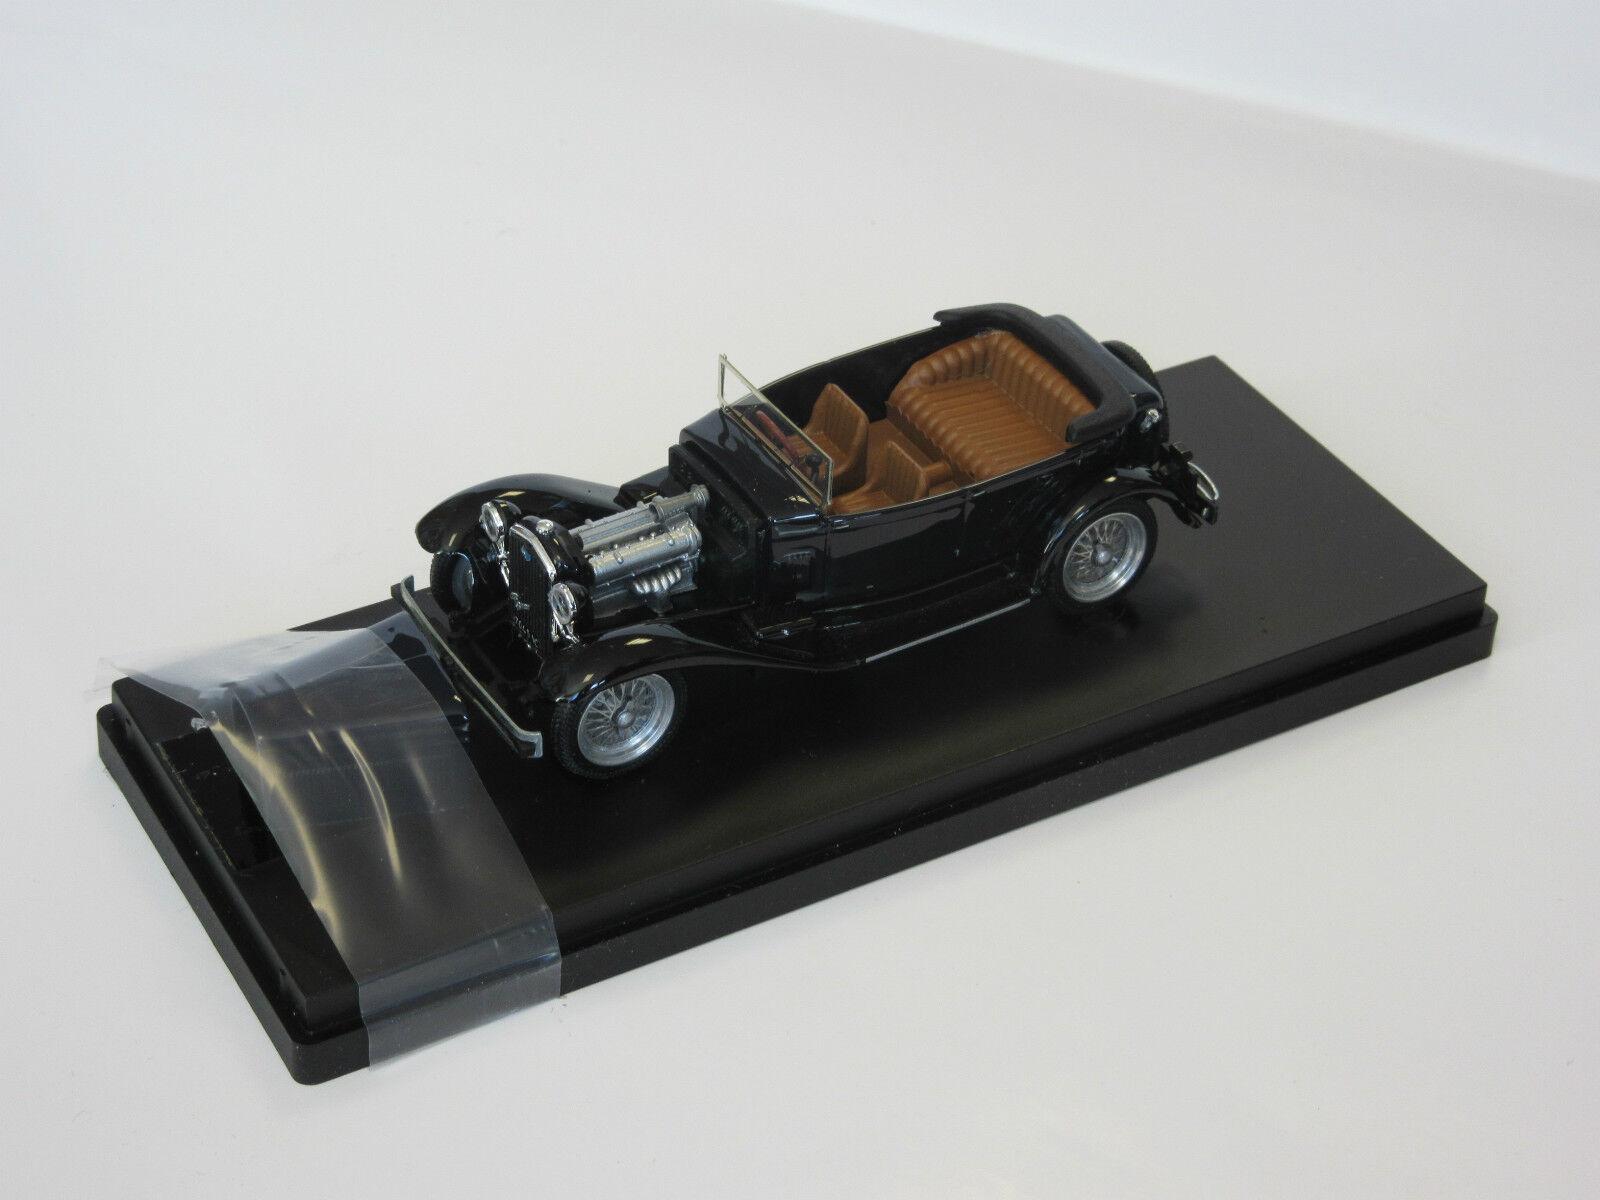 Alfa Romeo 1750 Torpedo 1930 with engine  Rio4200  RIO 1 43 New in a box